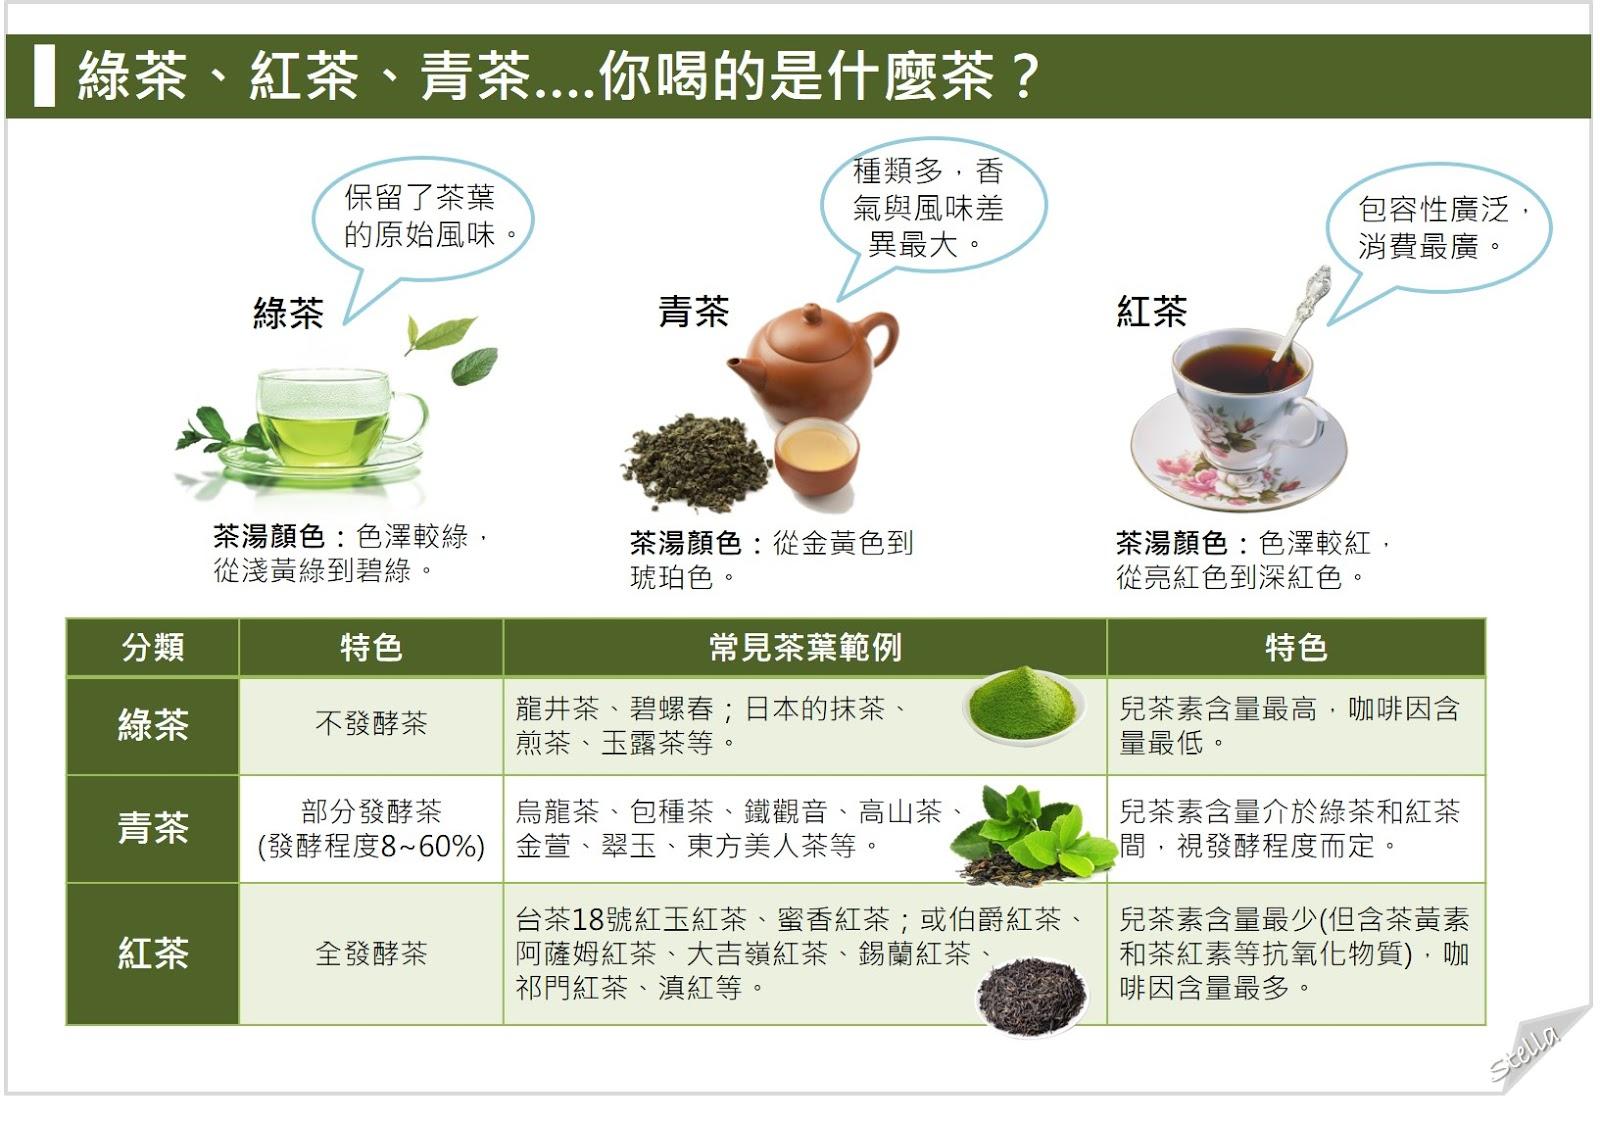 紅茶和綠茶哪個更好?茶營養區別大公開 | 兒茶素 | 茶葉 | 大紀元